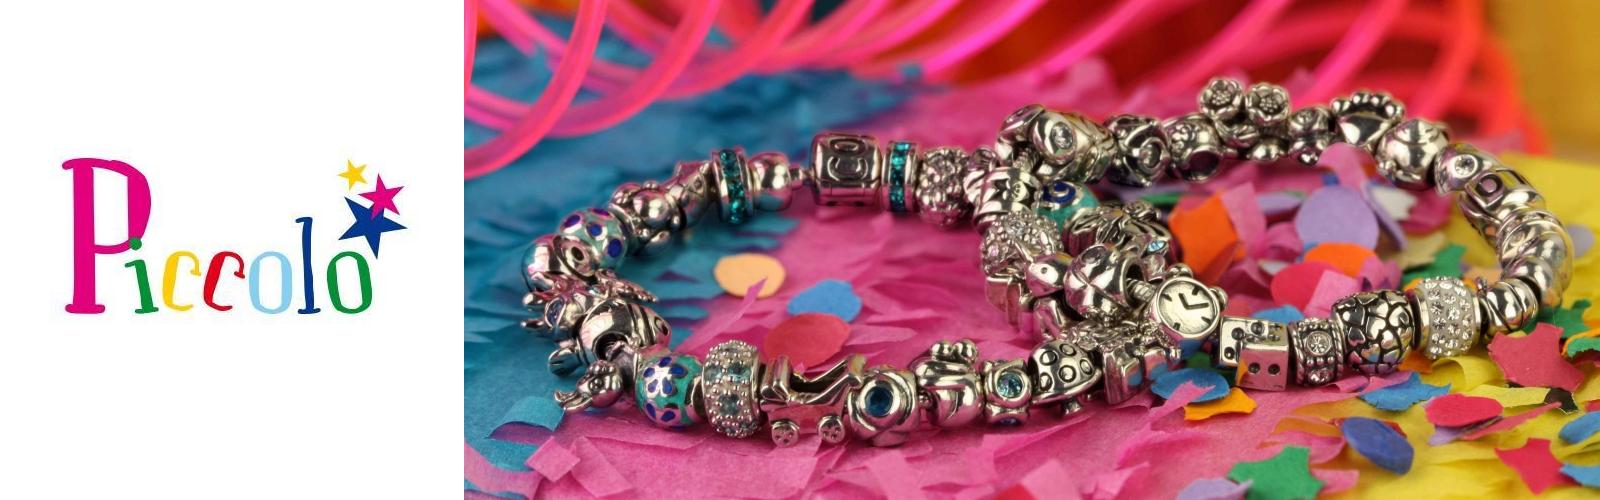 Piccolo-kindsieraden,-kinderbedels,-armbandje-kind-kopen-bij-Wolters-Juweliers-Coevorden-Emmen